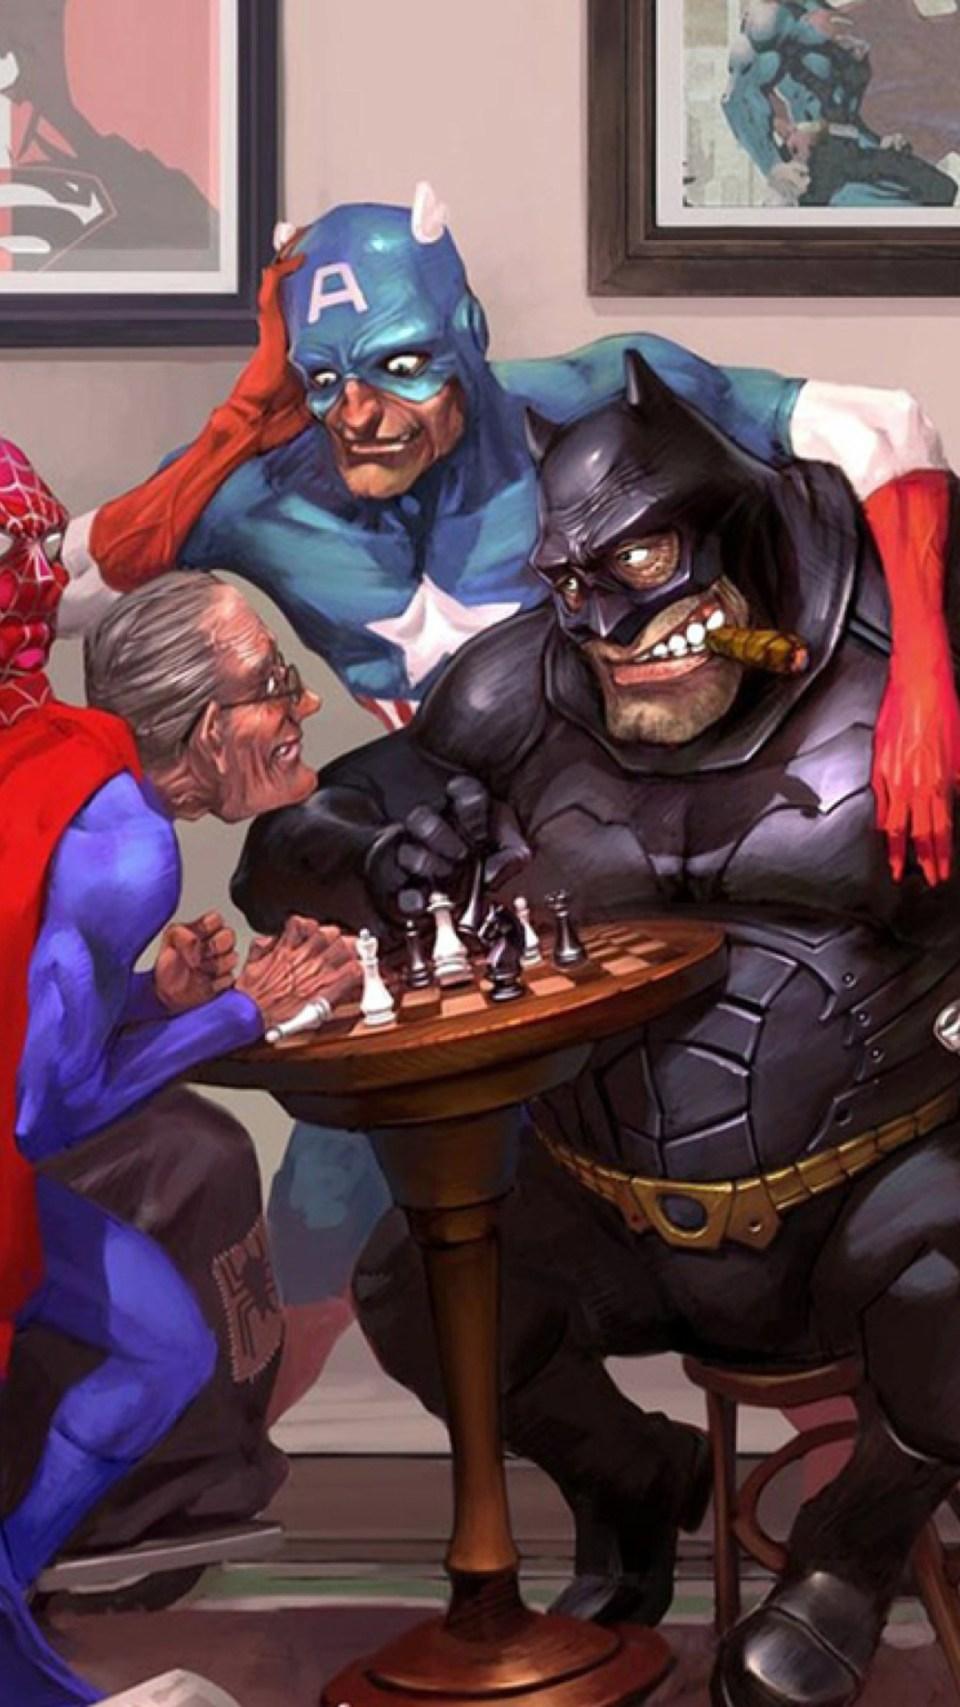 Super-Heroes-Super-Viejos-1080x1920